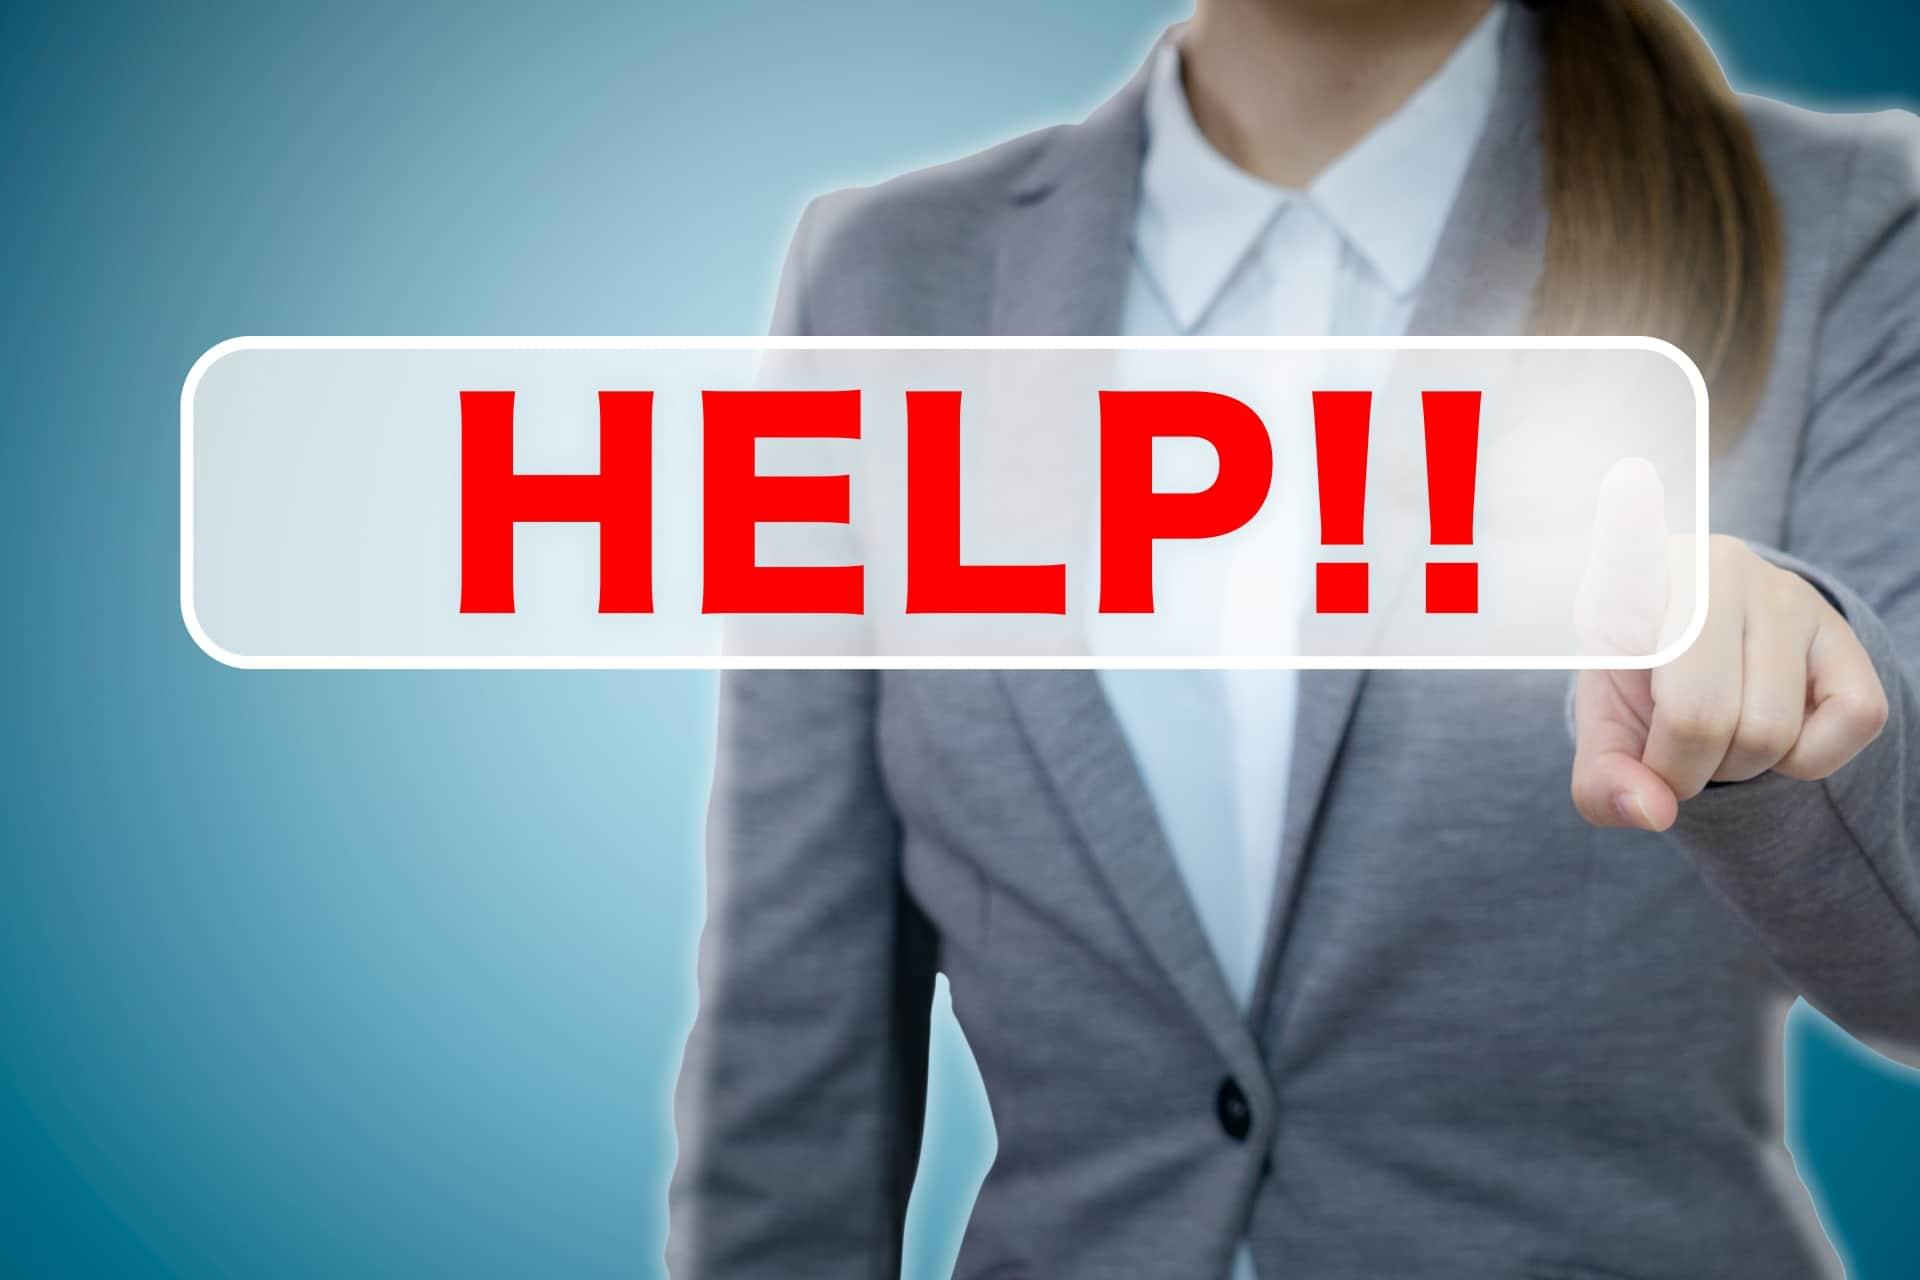 仕事の相談をするべき相談窓口とは?~職場関係や問題の解決方法を紹介!~